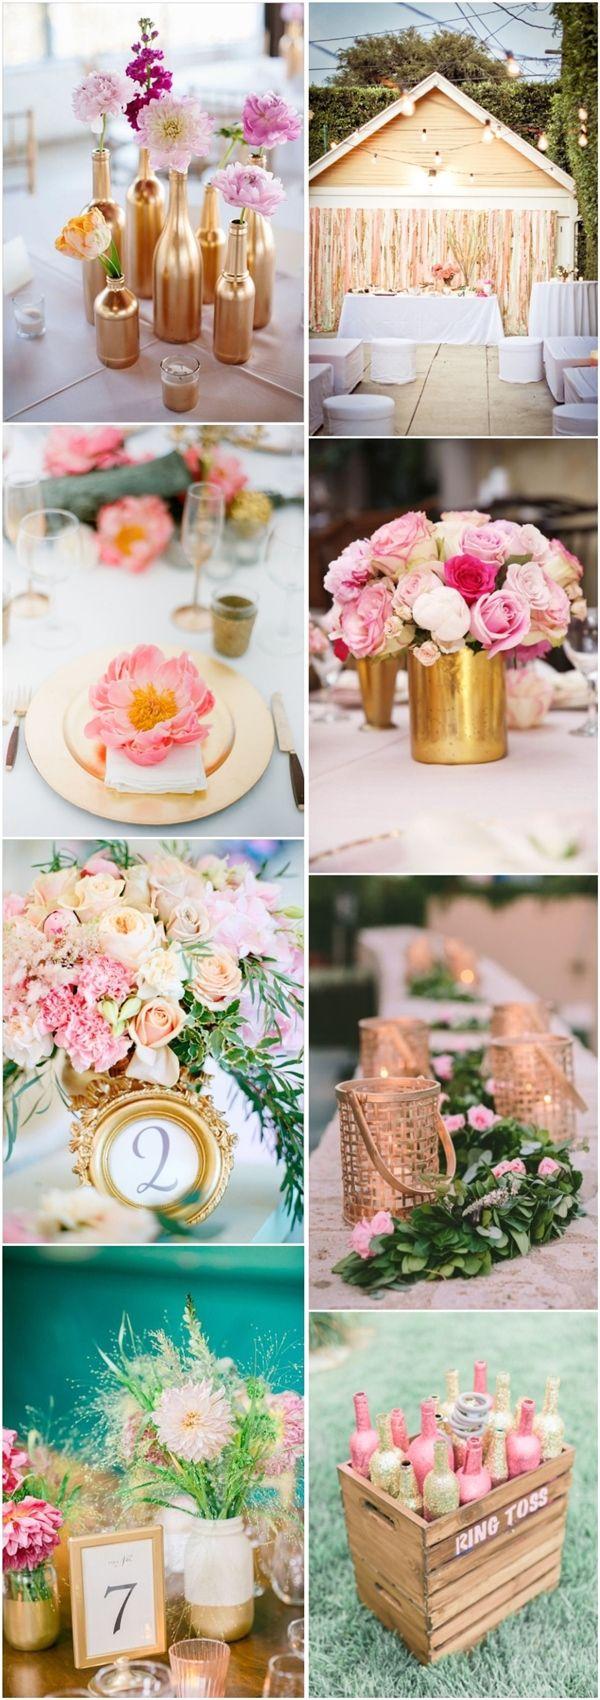 Hauptfarben-design-bilder  best hochzeit images on pinterest  wedding ideas wedding